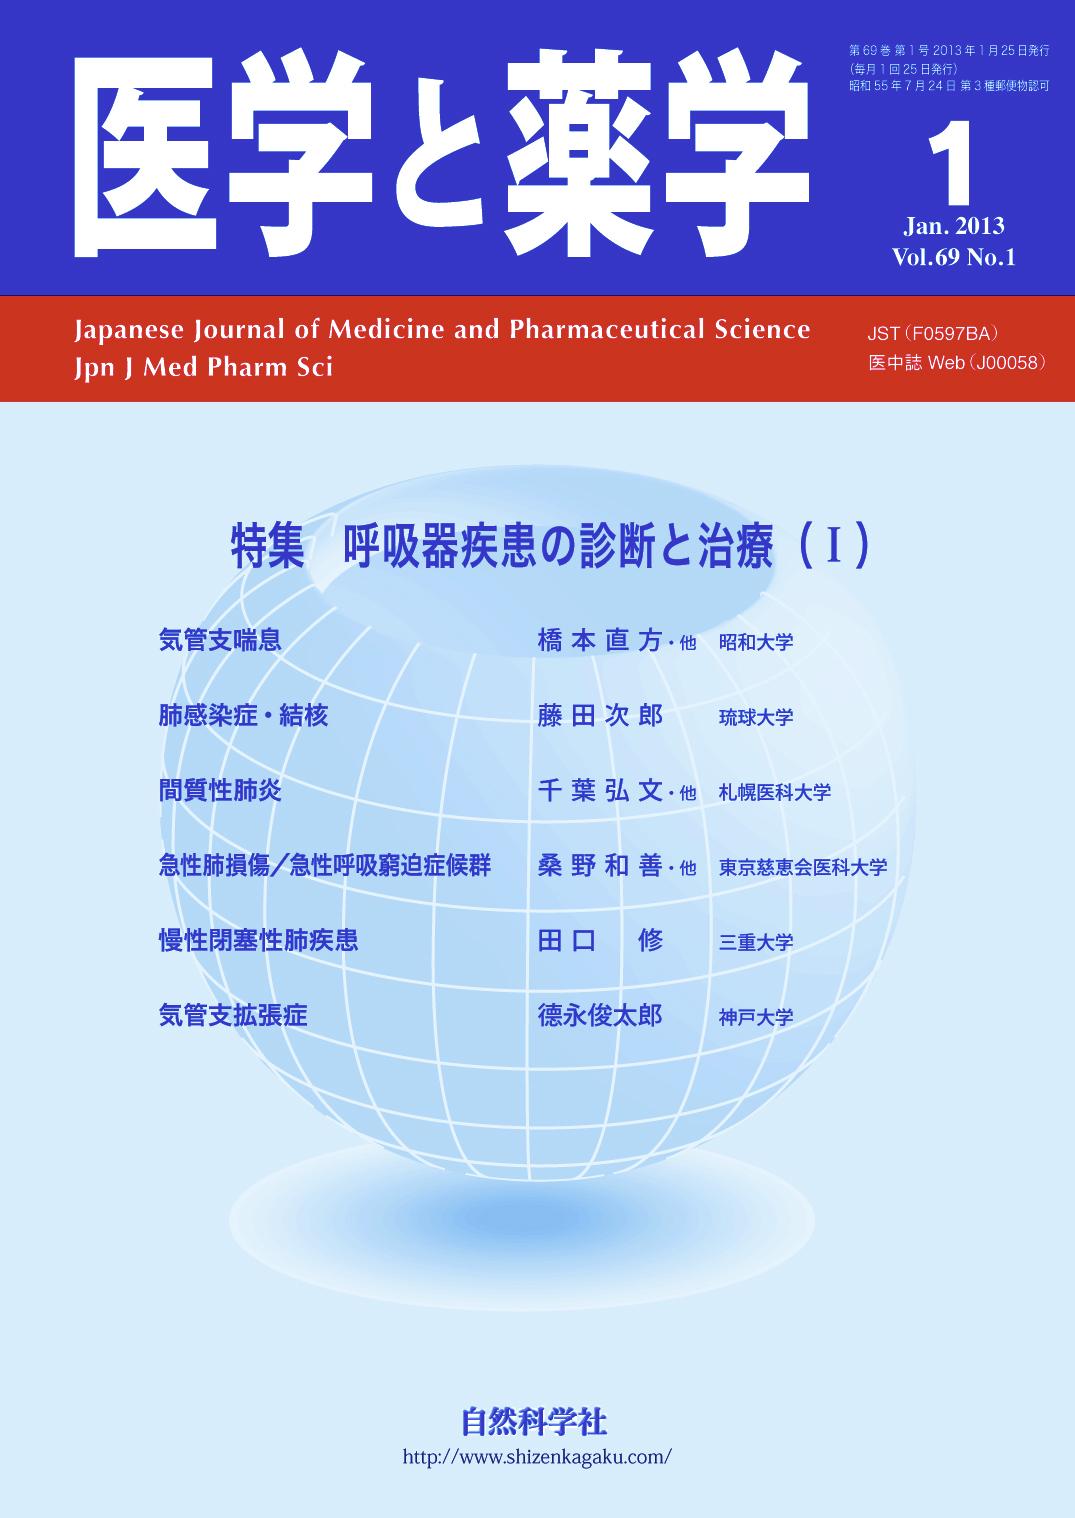 医学と薬学 69巻1号2013年1月